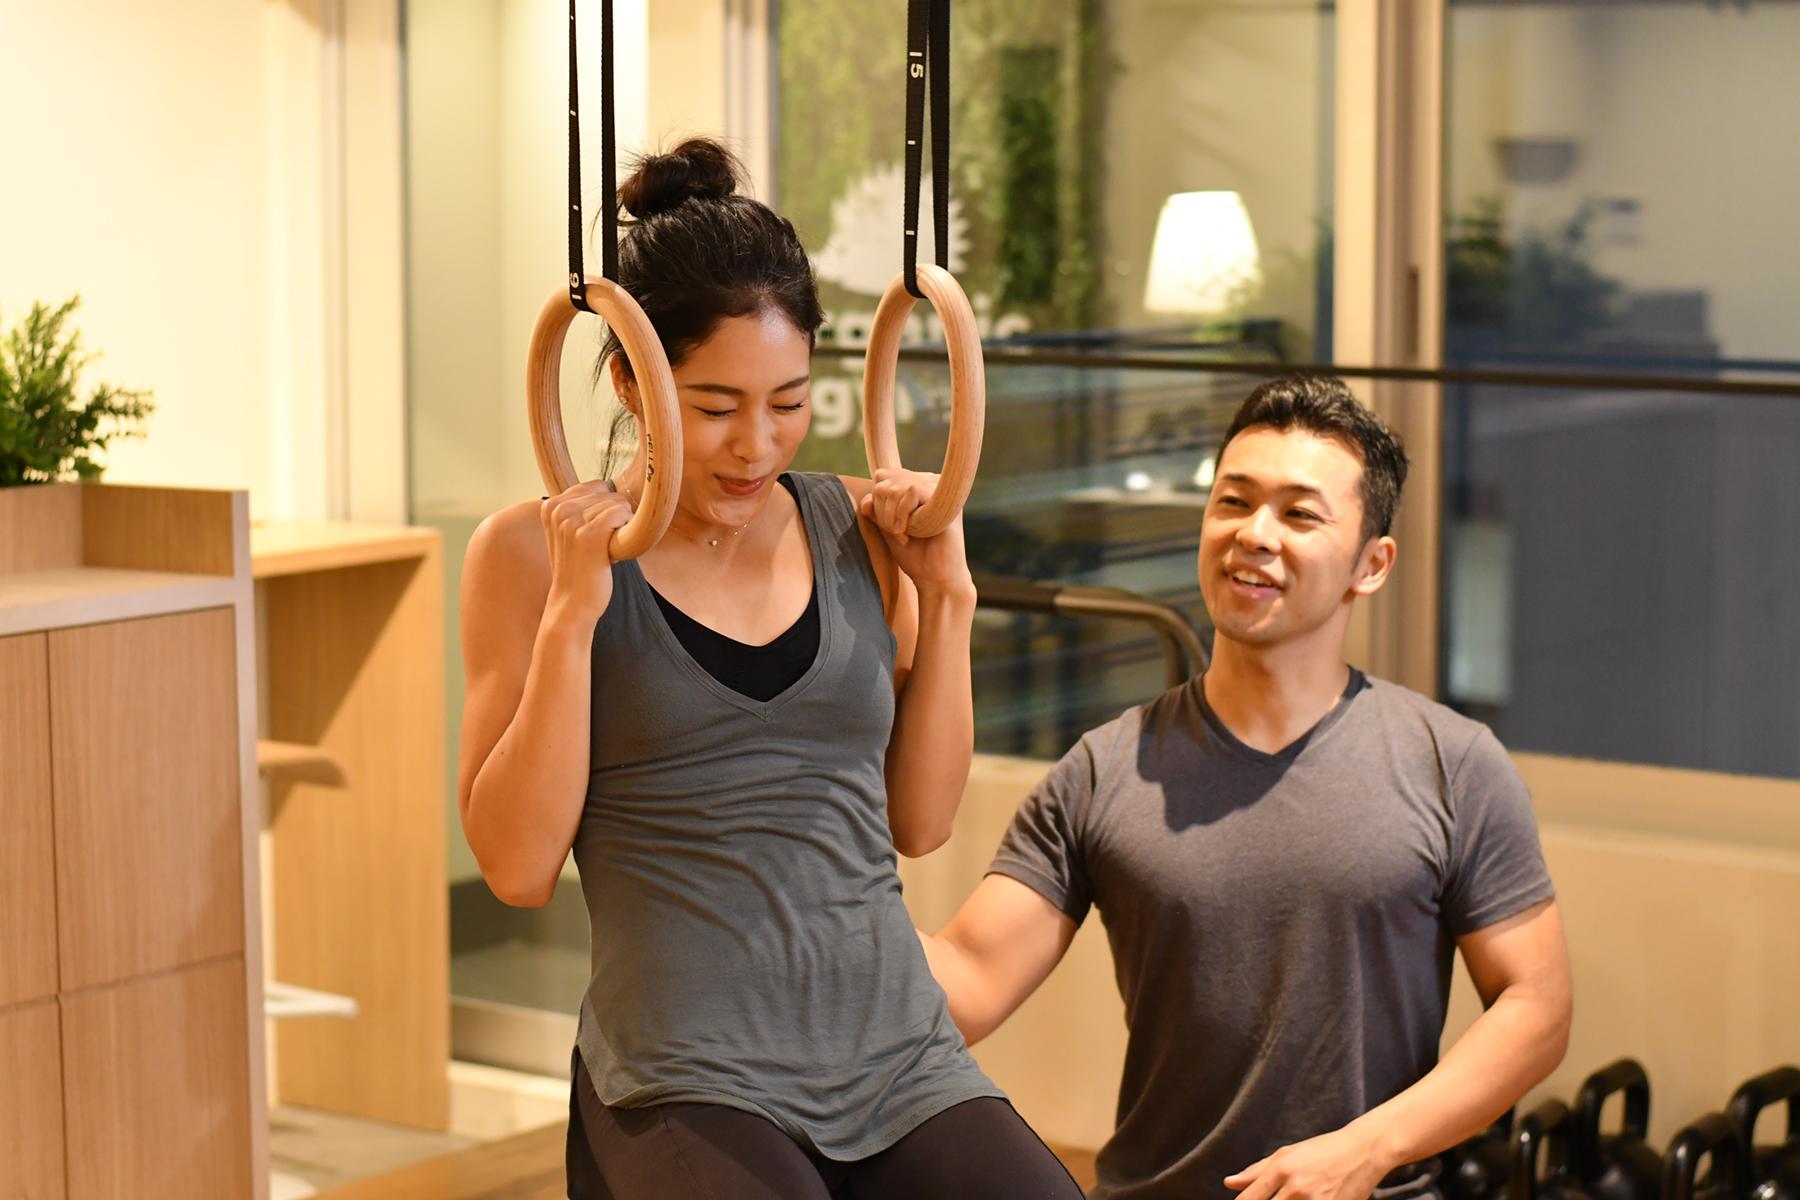 脂肪も、痛みも、不調も取れるトレーニング